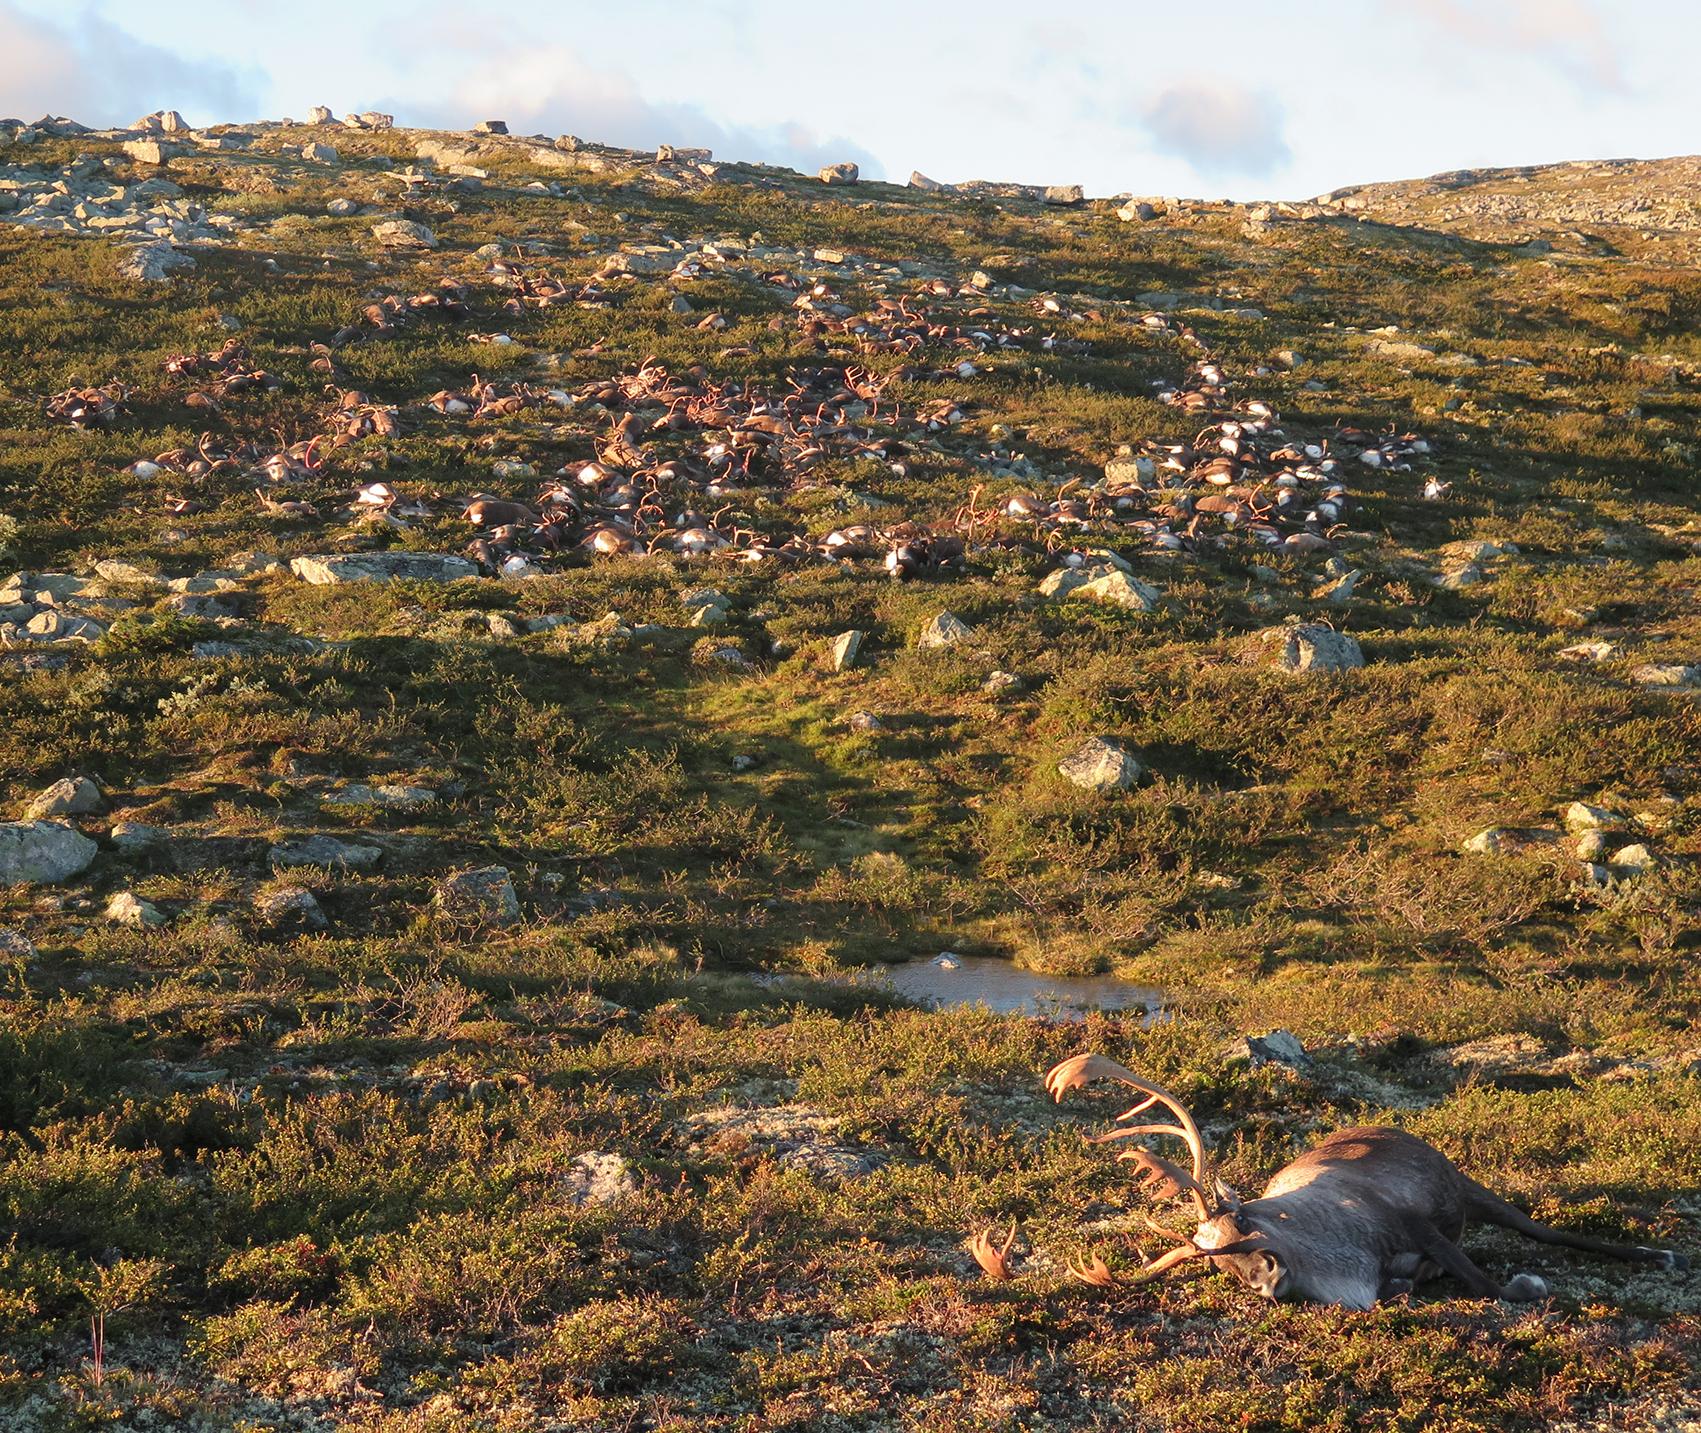 323 villrein ble slått av lynet. Foto: Håvard Kjøntvedt, Miljødirektoratet/Statens naturoppsyn (SNO).